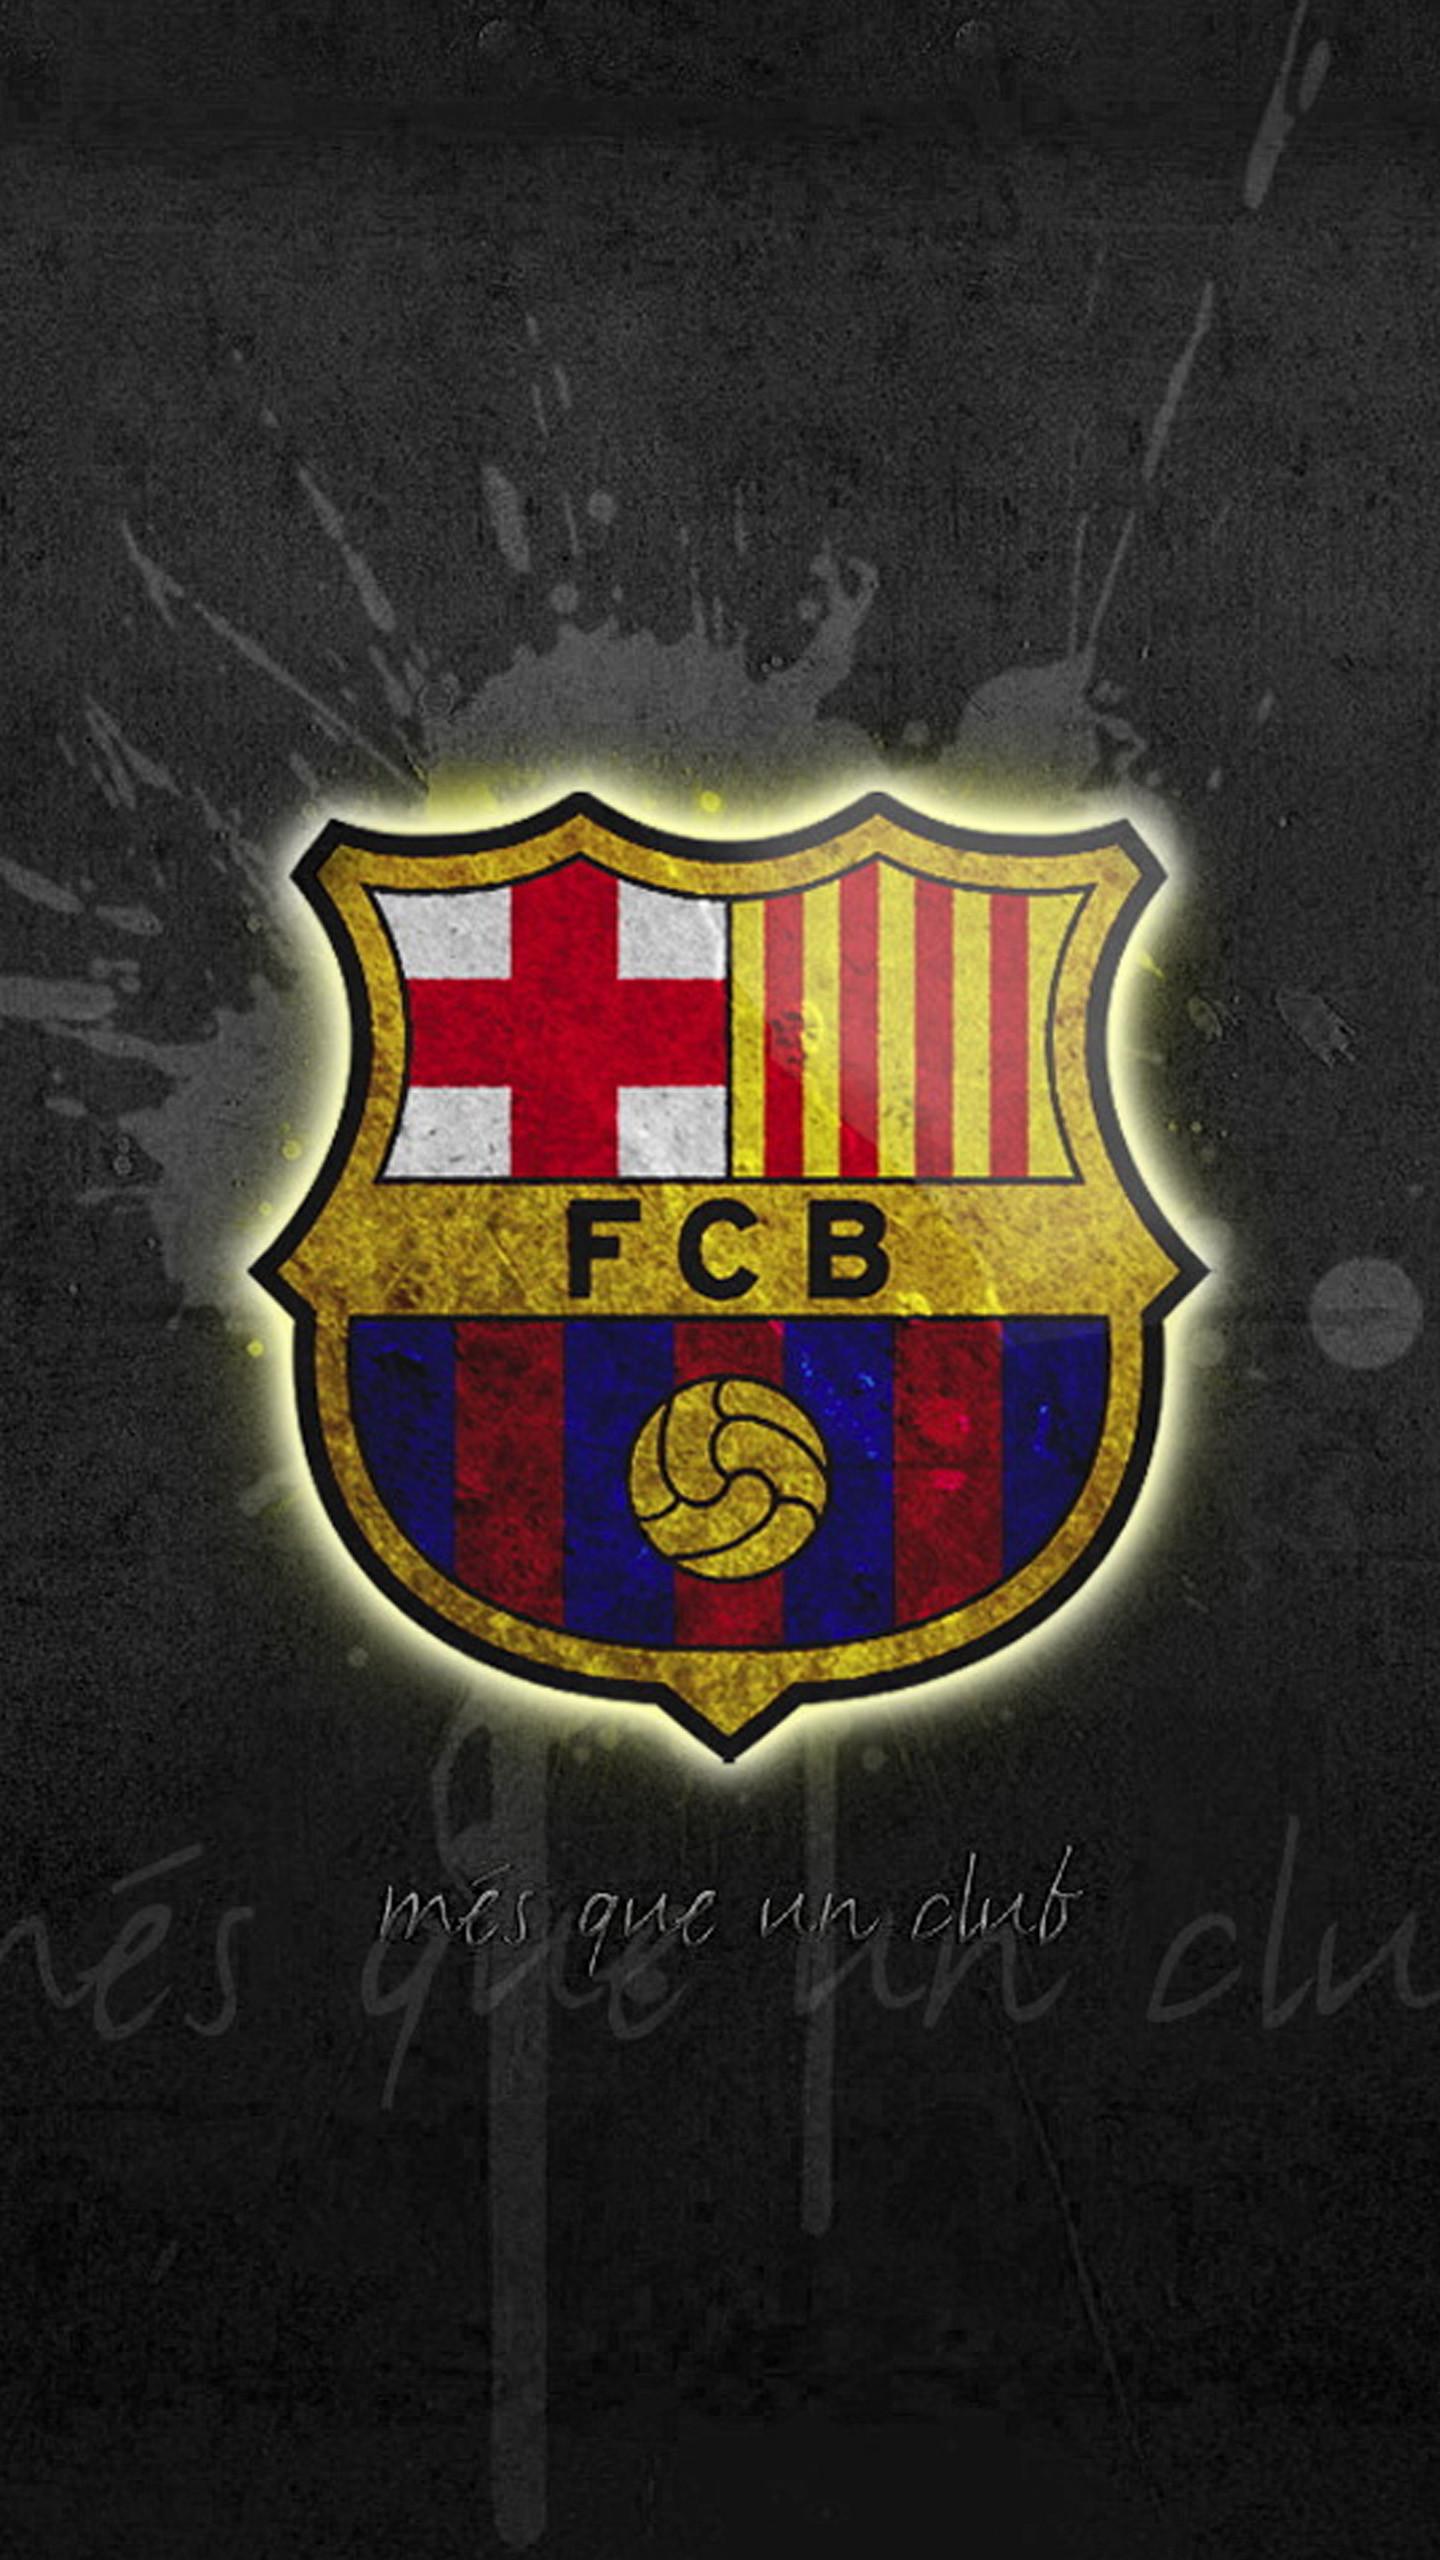 Desktop Images of FC Barcelona: 17/04/2017 by Patricia Durden